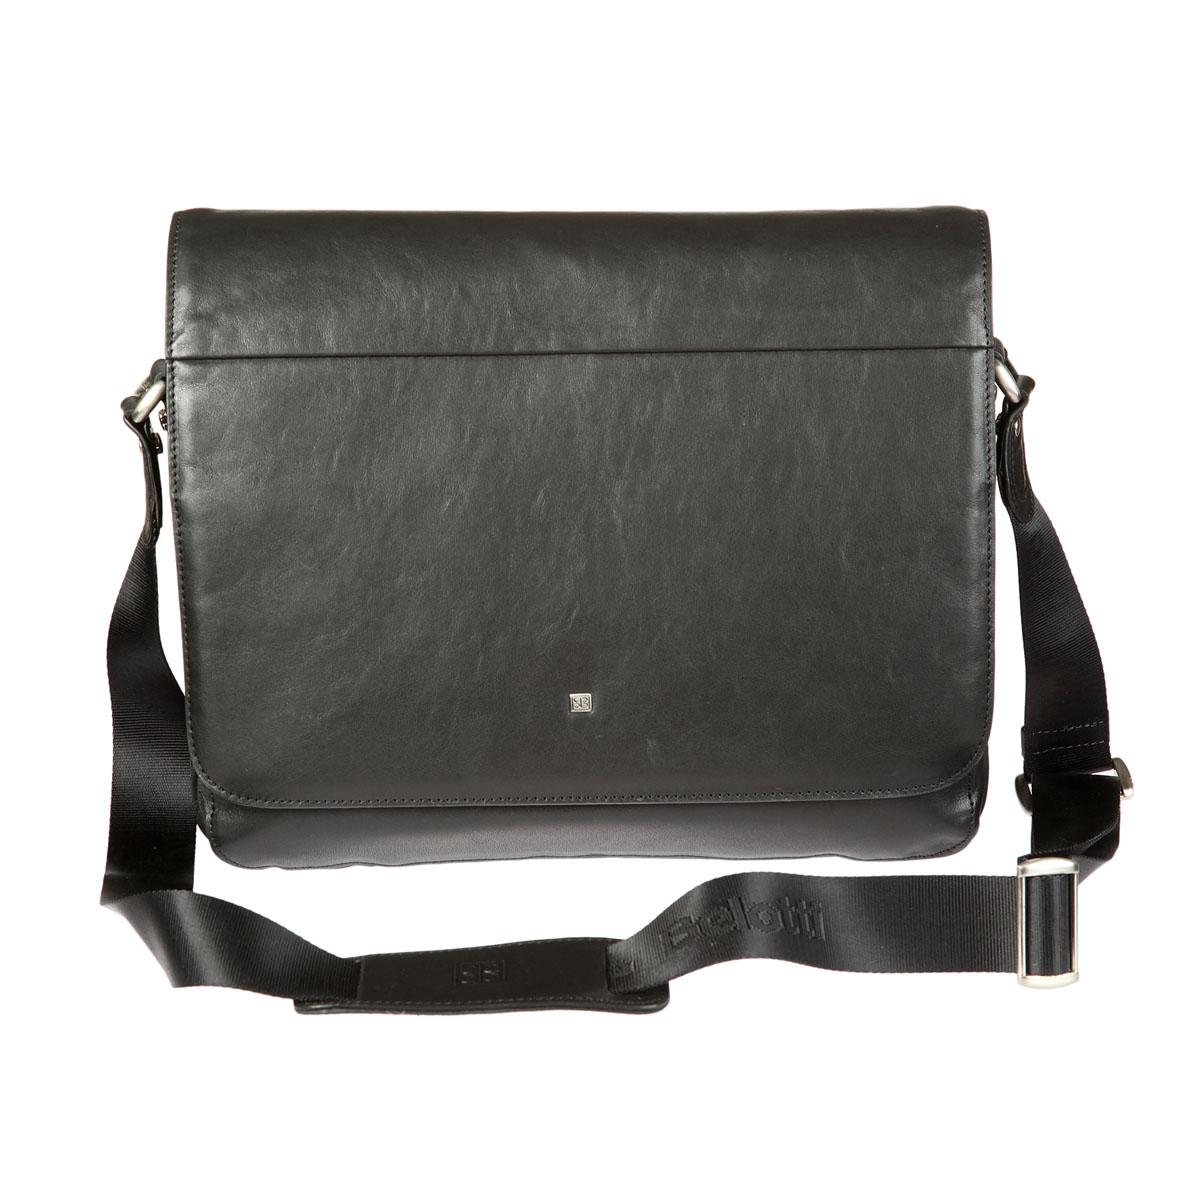 Планшет мужской Sergio Belotti, цвет: черный. 89198919-34 west blackПланшет Sergio Belotti выполнен из высококачественной кожи черного цвета. Планшет имеет одно отделение, закрывающийся клапаном на магнит. Внутри отделения расположен вшитый карман на молнии. Также под клапаном расположен вместительный карман, содержащий три накладных кармана, четыре наборных кармашка для кредиток и два фиксатора для ручек, а также вшитый карман на молнии. На задней стороне сумки также имеется карман на молнии. Планшет оснащен удобной ручкой-лентой регулируемой длины. Фурнитура - серебристого цвета. Функциональность, вместительность, качество исполнения и непревзойденный стиль планшета Sergio Belotti, несомненно, понравится любому мужчине.